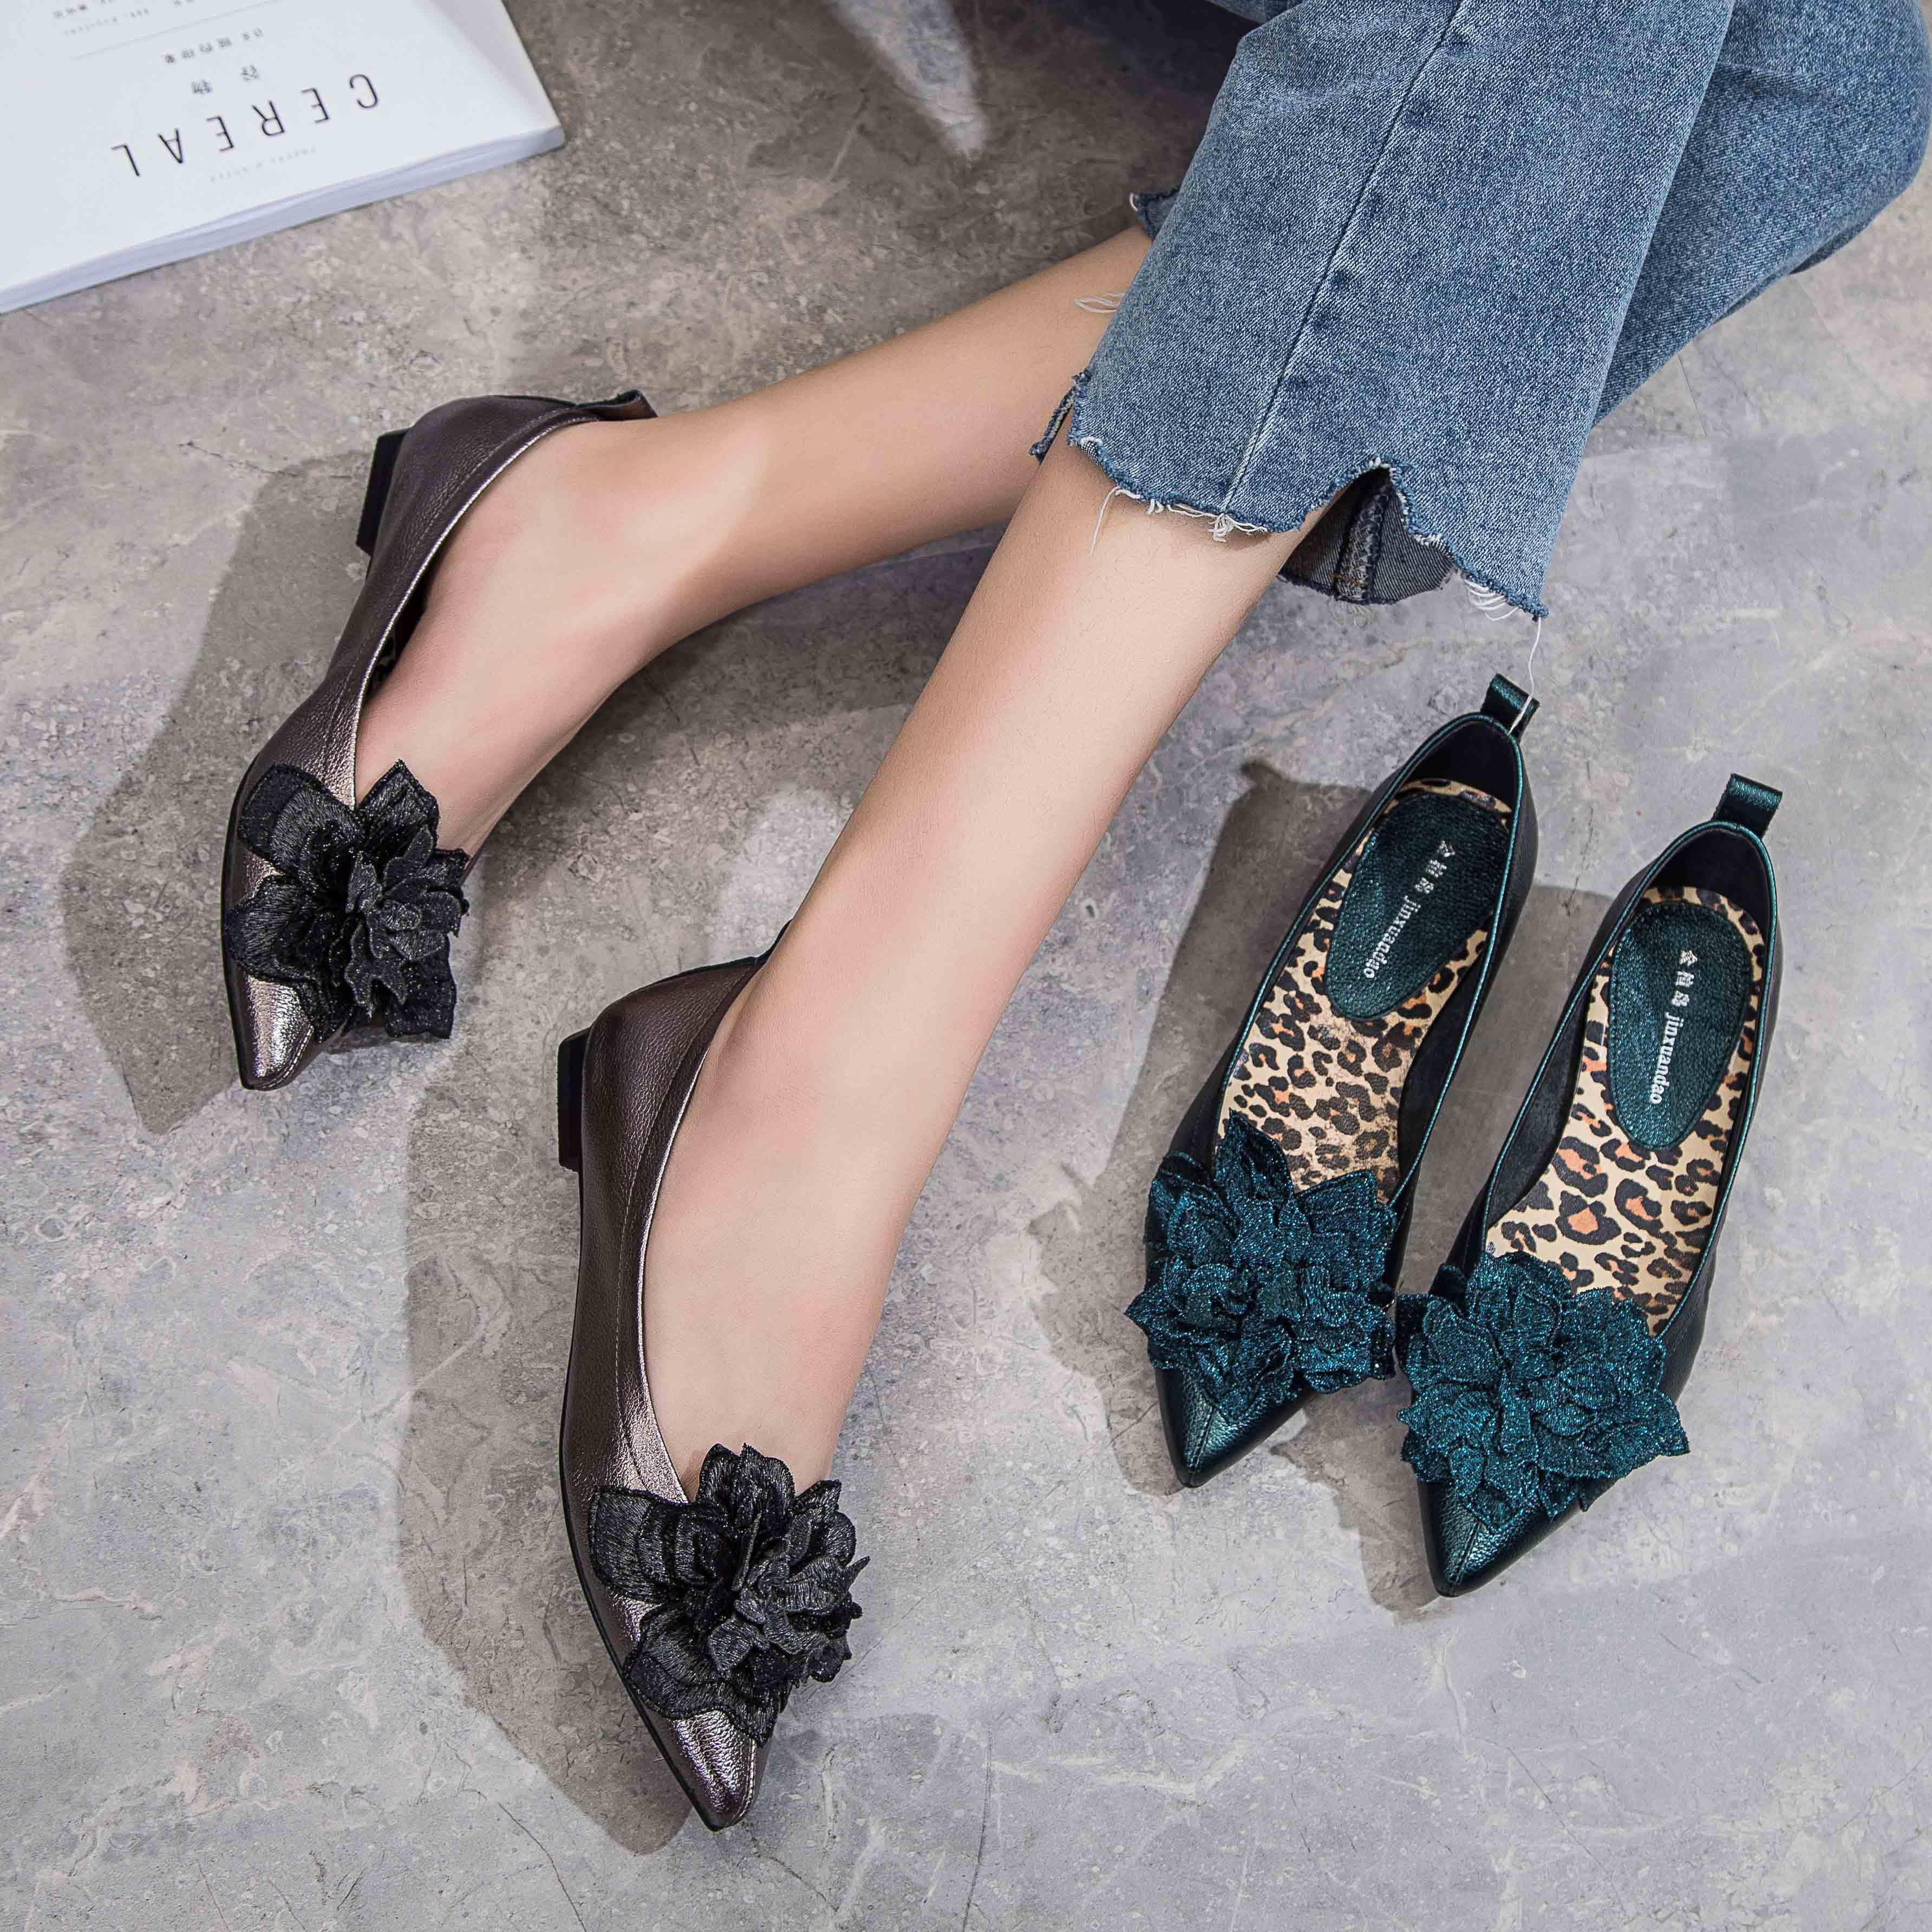 单鞋女2019春款平底尖头平底鞋浅口低跟中年妈妈鞋真皮软底女鞋子